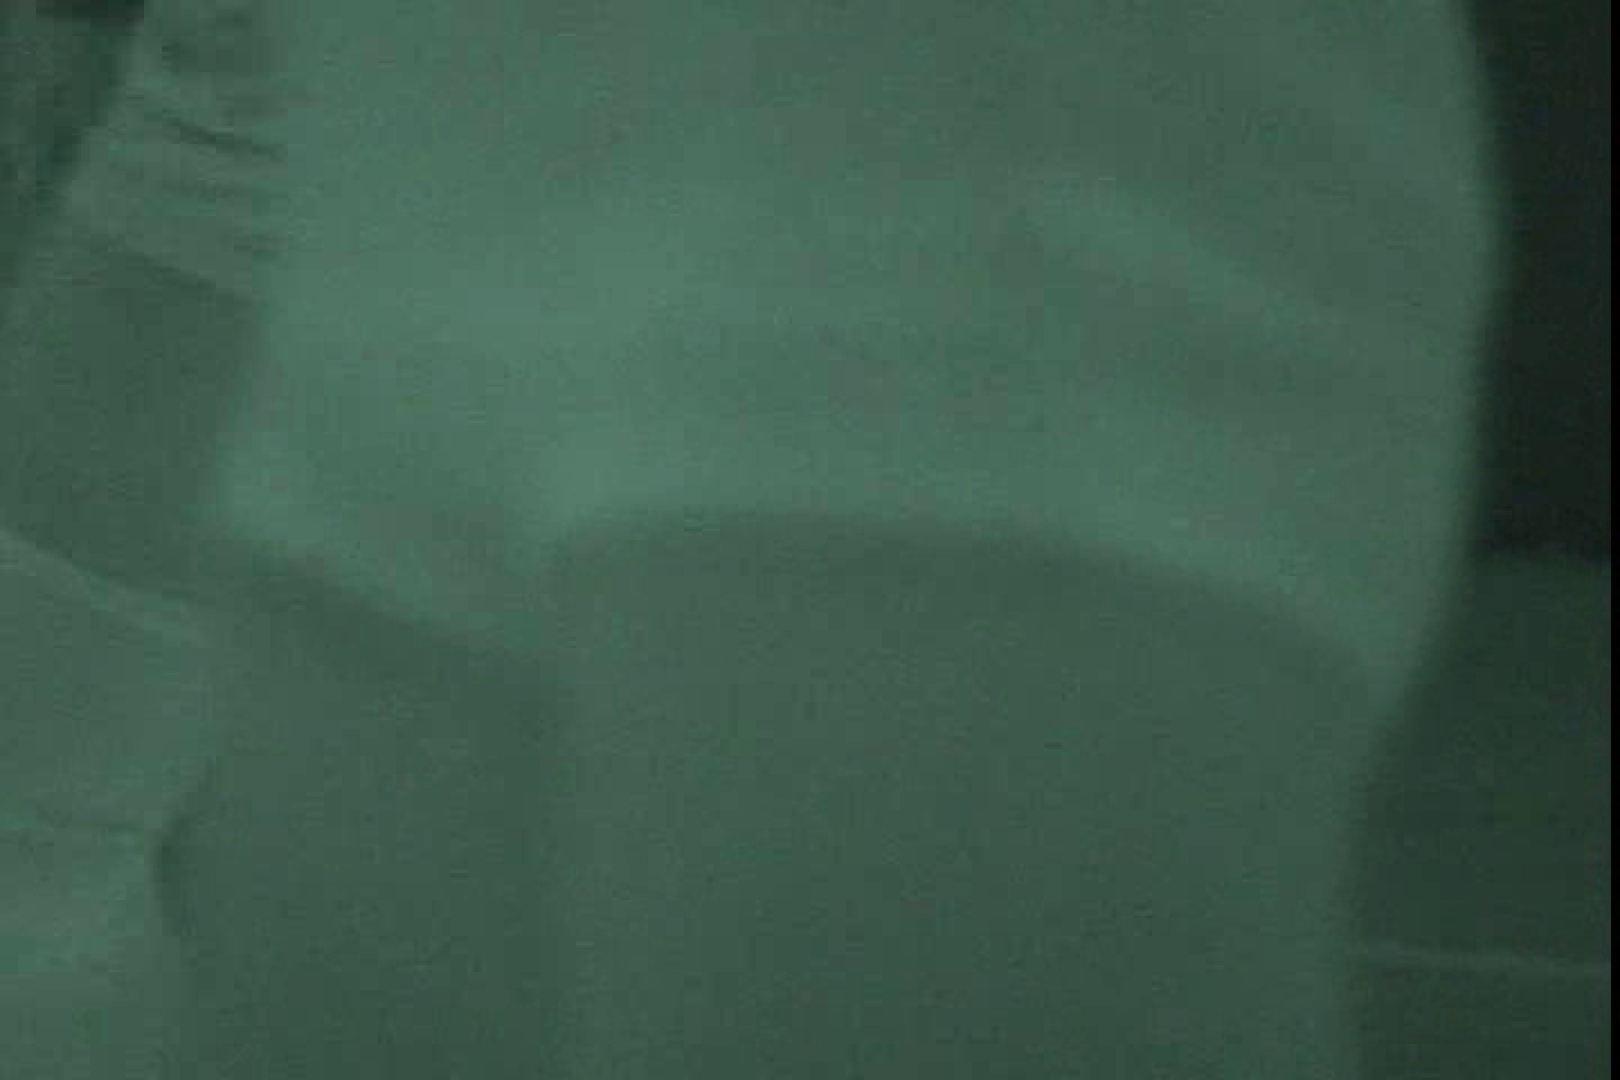 赤外線ムレスケバレー(汗) vol.11 赤外線   アスリート  95PIX 5